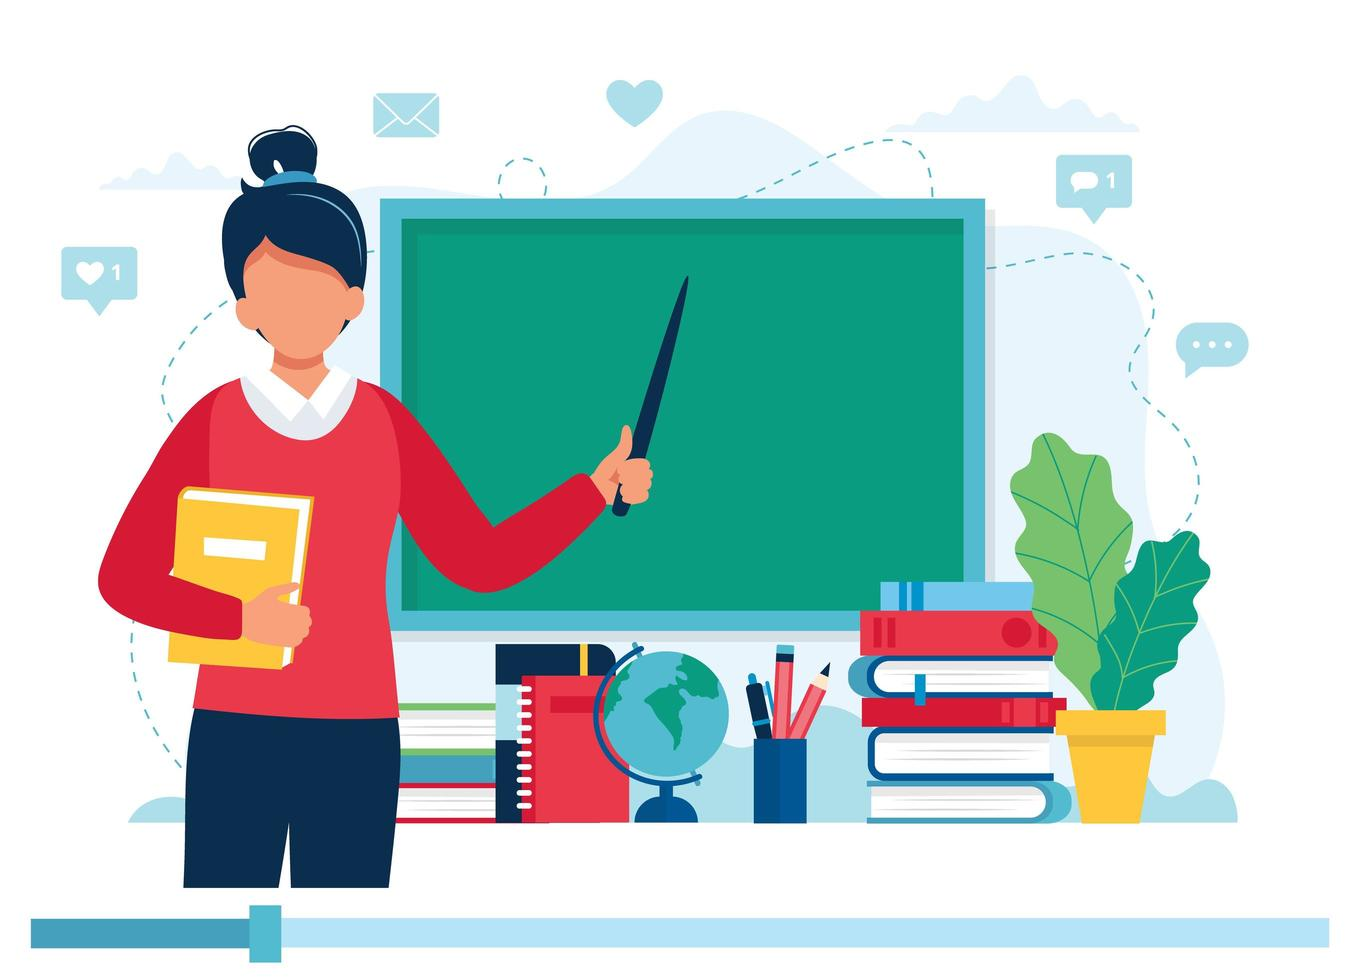 enseignante avec livres et tableau, leçon vidéo vecteur